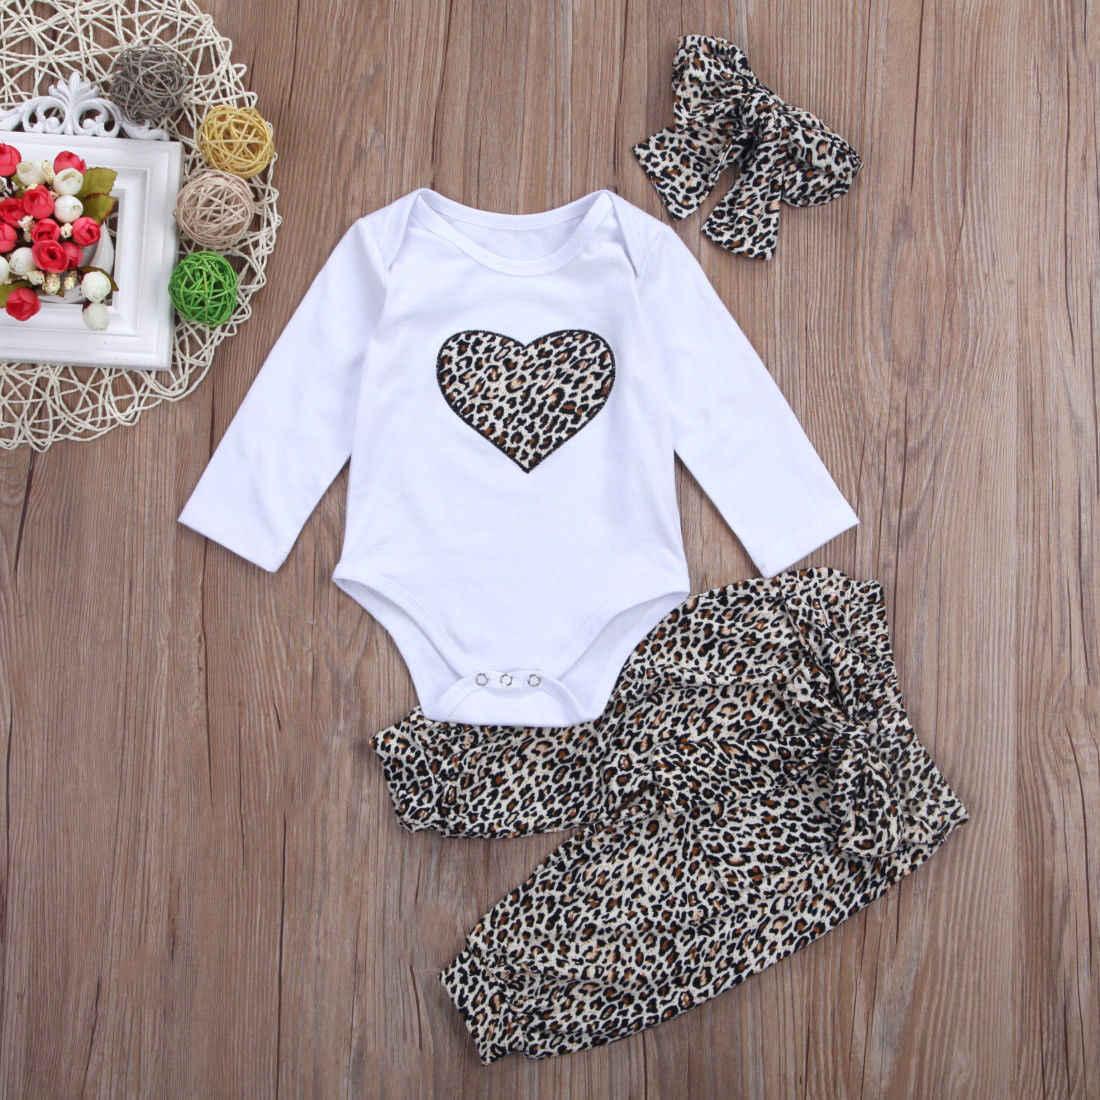 2018 חדש לגמרי יפה יילוד פעוט תינוק תינוקת Romper + ארוך פרחוני מכנסיים + סרט 3 יחידות תלבושת נמר לב בגדי סטים